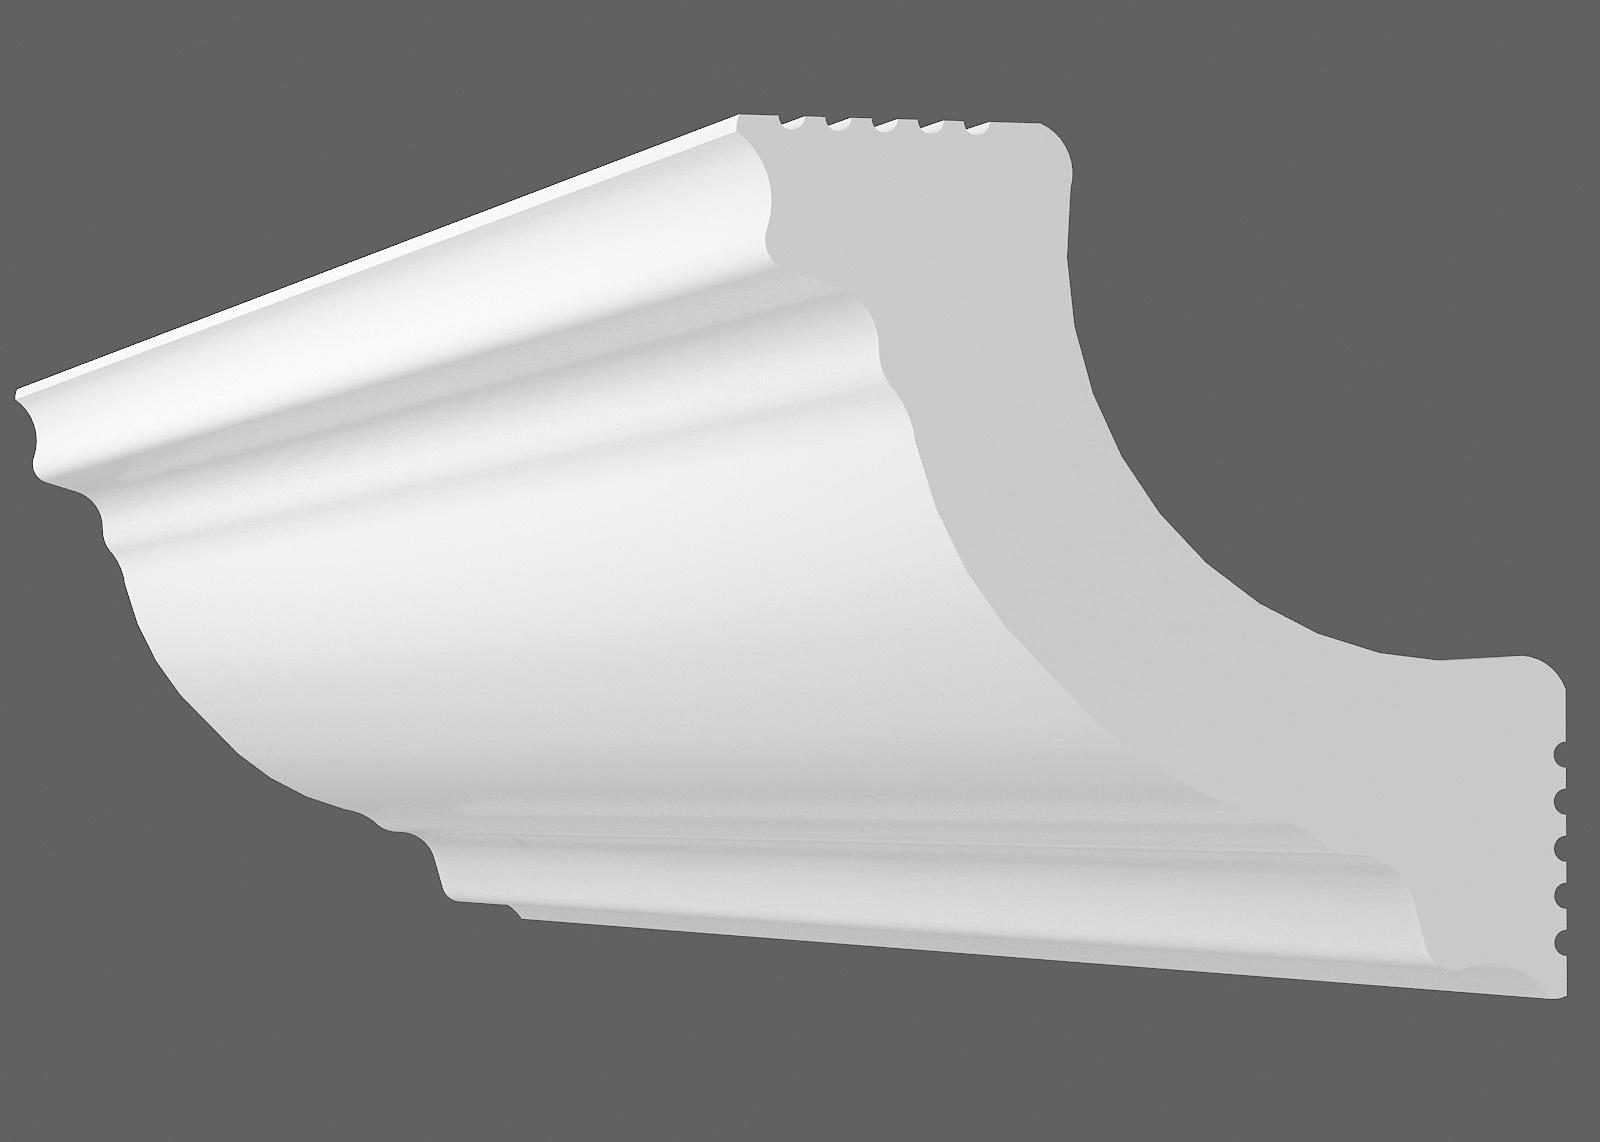 Потолочный плинтус Z-45 (Размер:40х40мм)